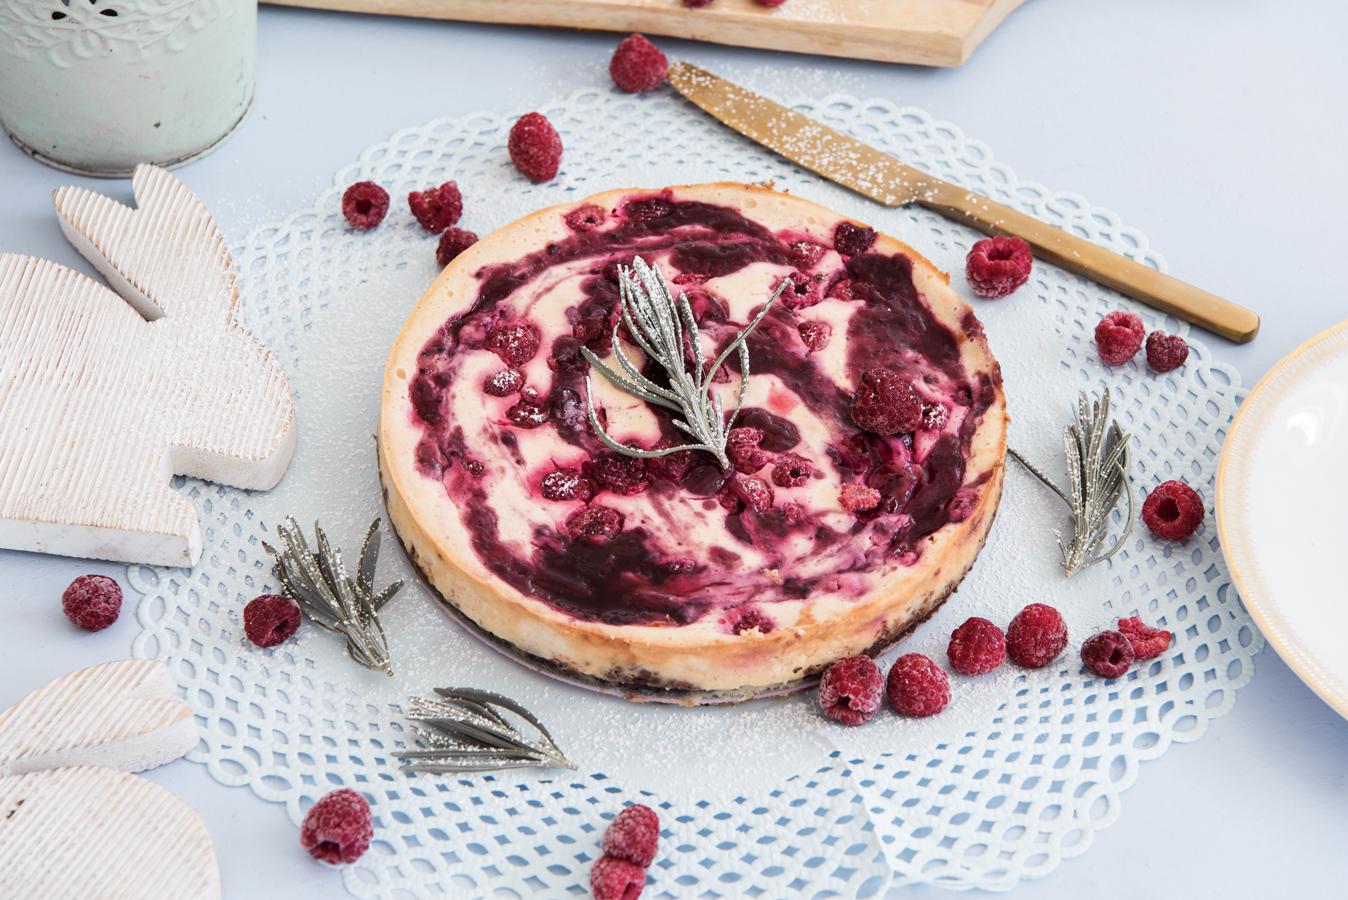 Cheesecake mit Schokokeksboden, Himbeeren und Marmelade